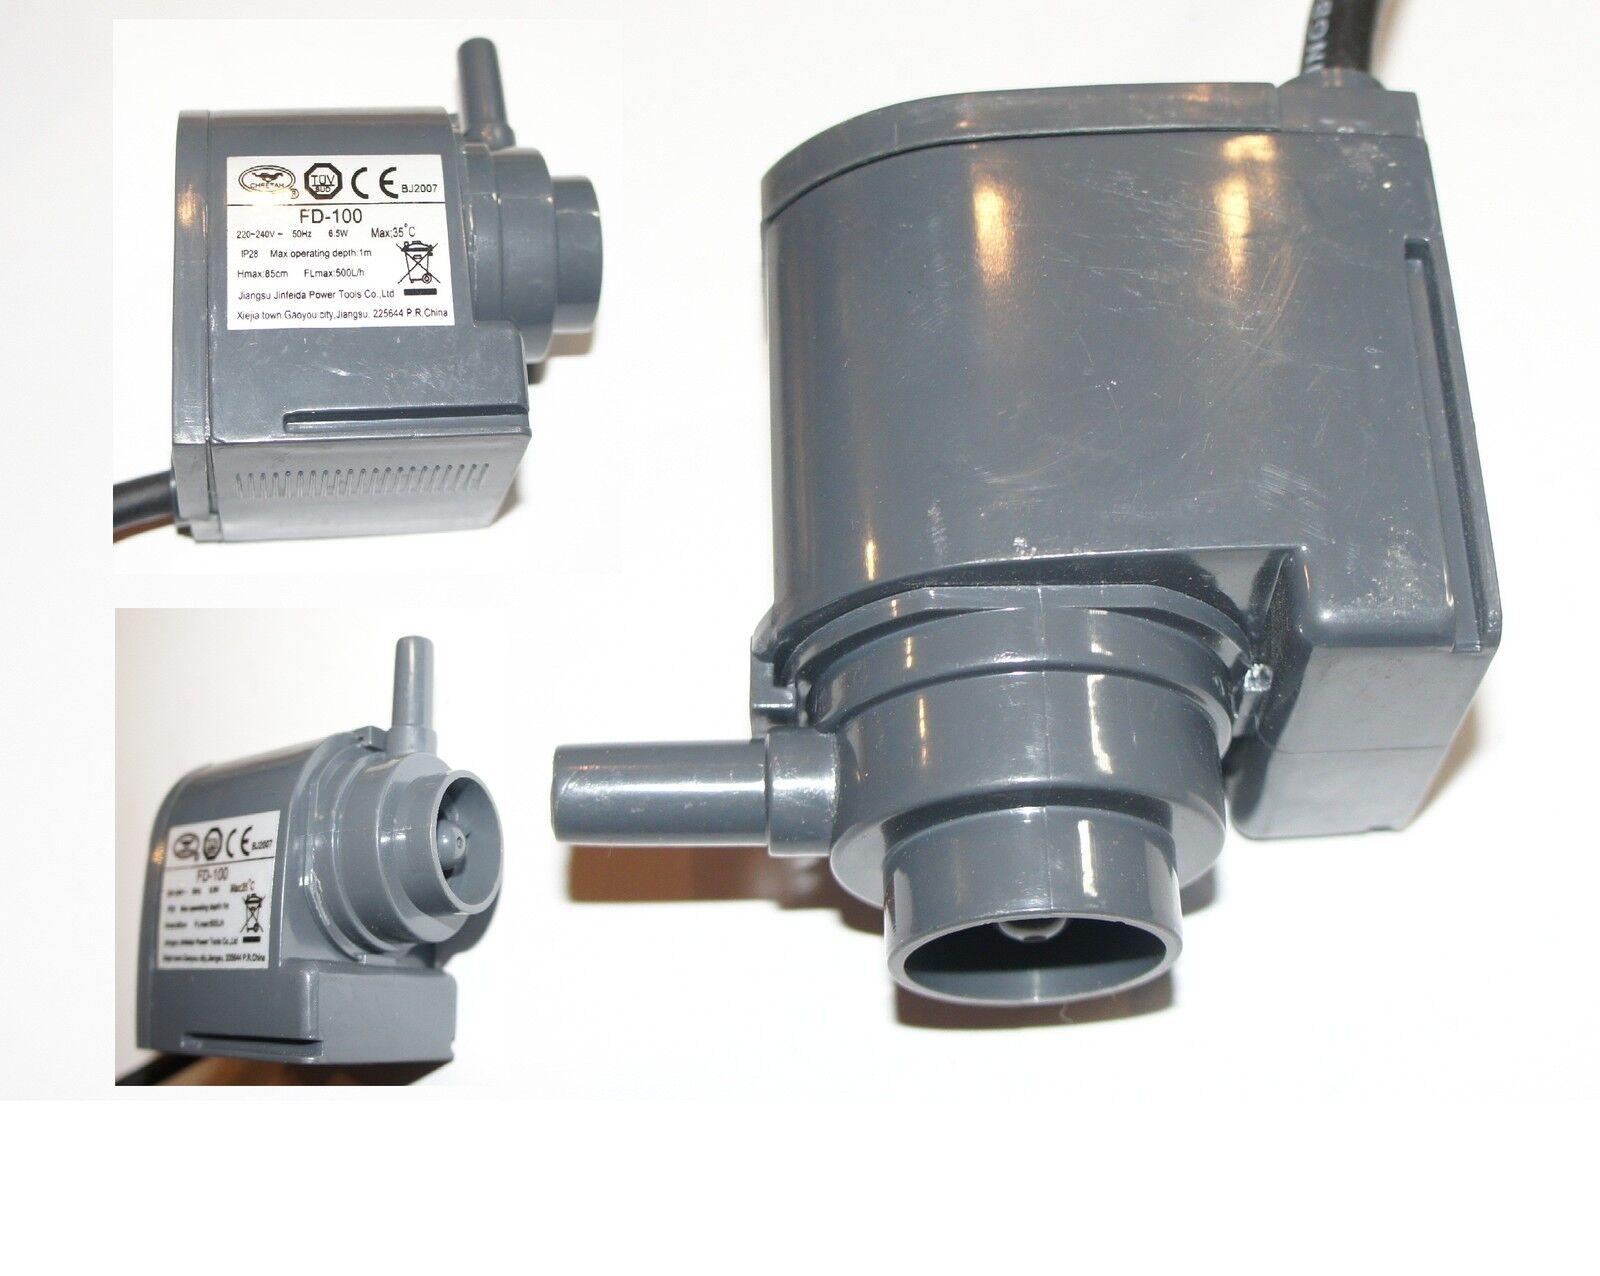 EINHELL RT-TC 560 U Fliesenschneider - - - Kühlwasserpumpe Pumpe Wasserpumpe   Kompletter Spezifikationsbereich    Exquisite (in) Verarbeitung    eine große Vielfalt  67198f